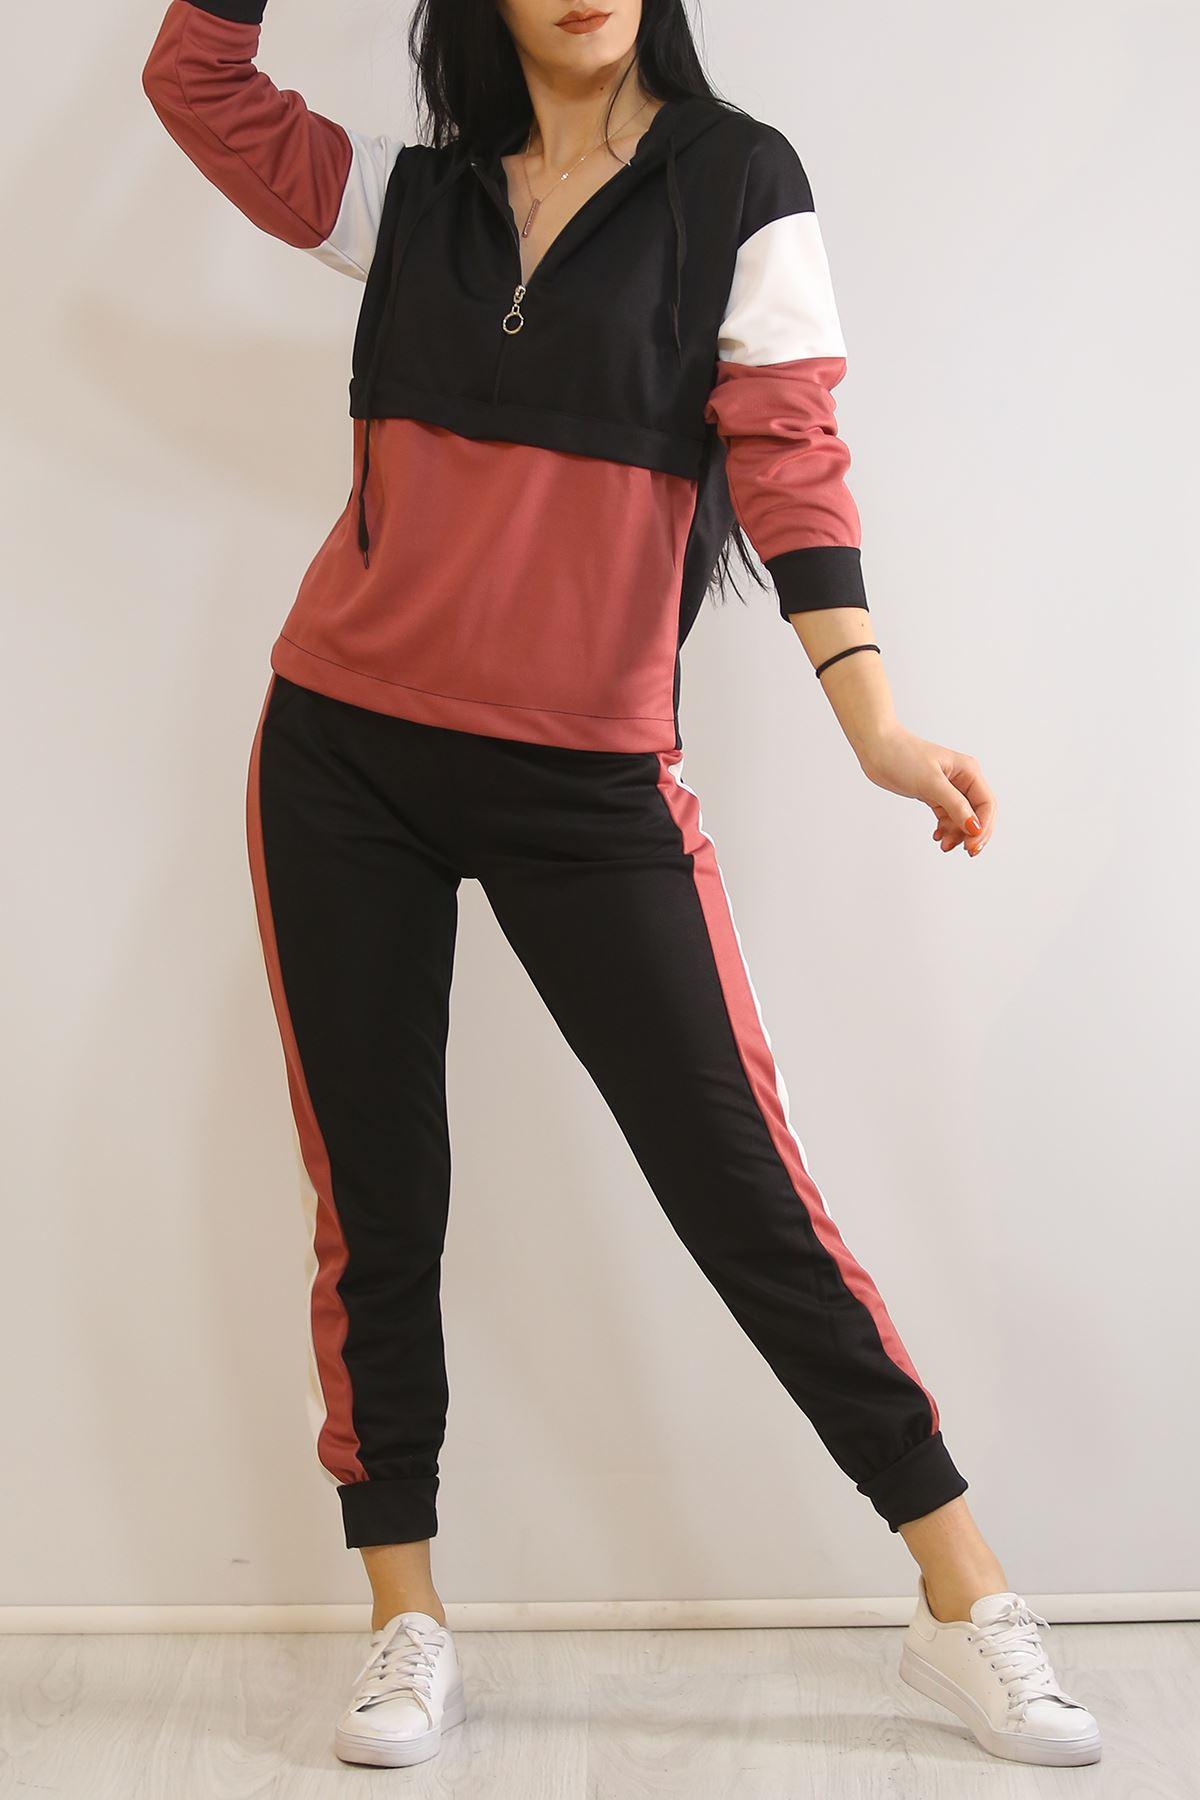 Kadın Eşofman Takımı Siyahpembe - 5325.1286.